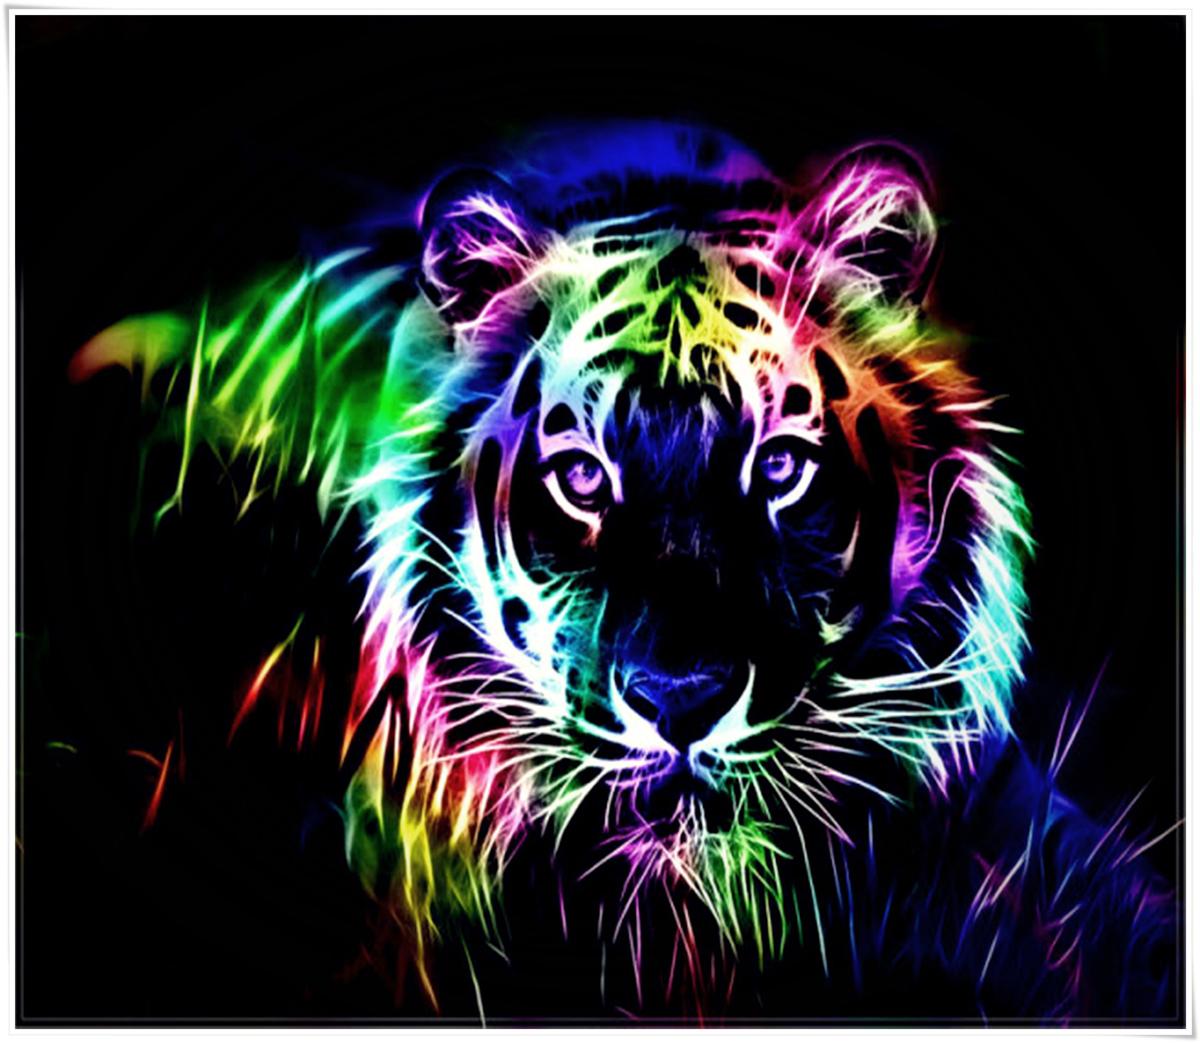 """Набор для создания картины со стразами Цветной """"Тигр поп-арт"""", 40 х 50 см. LG017"""